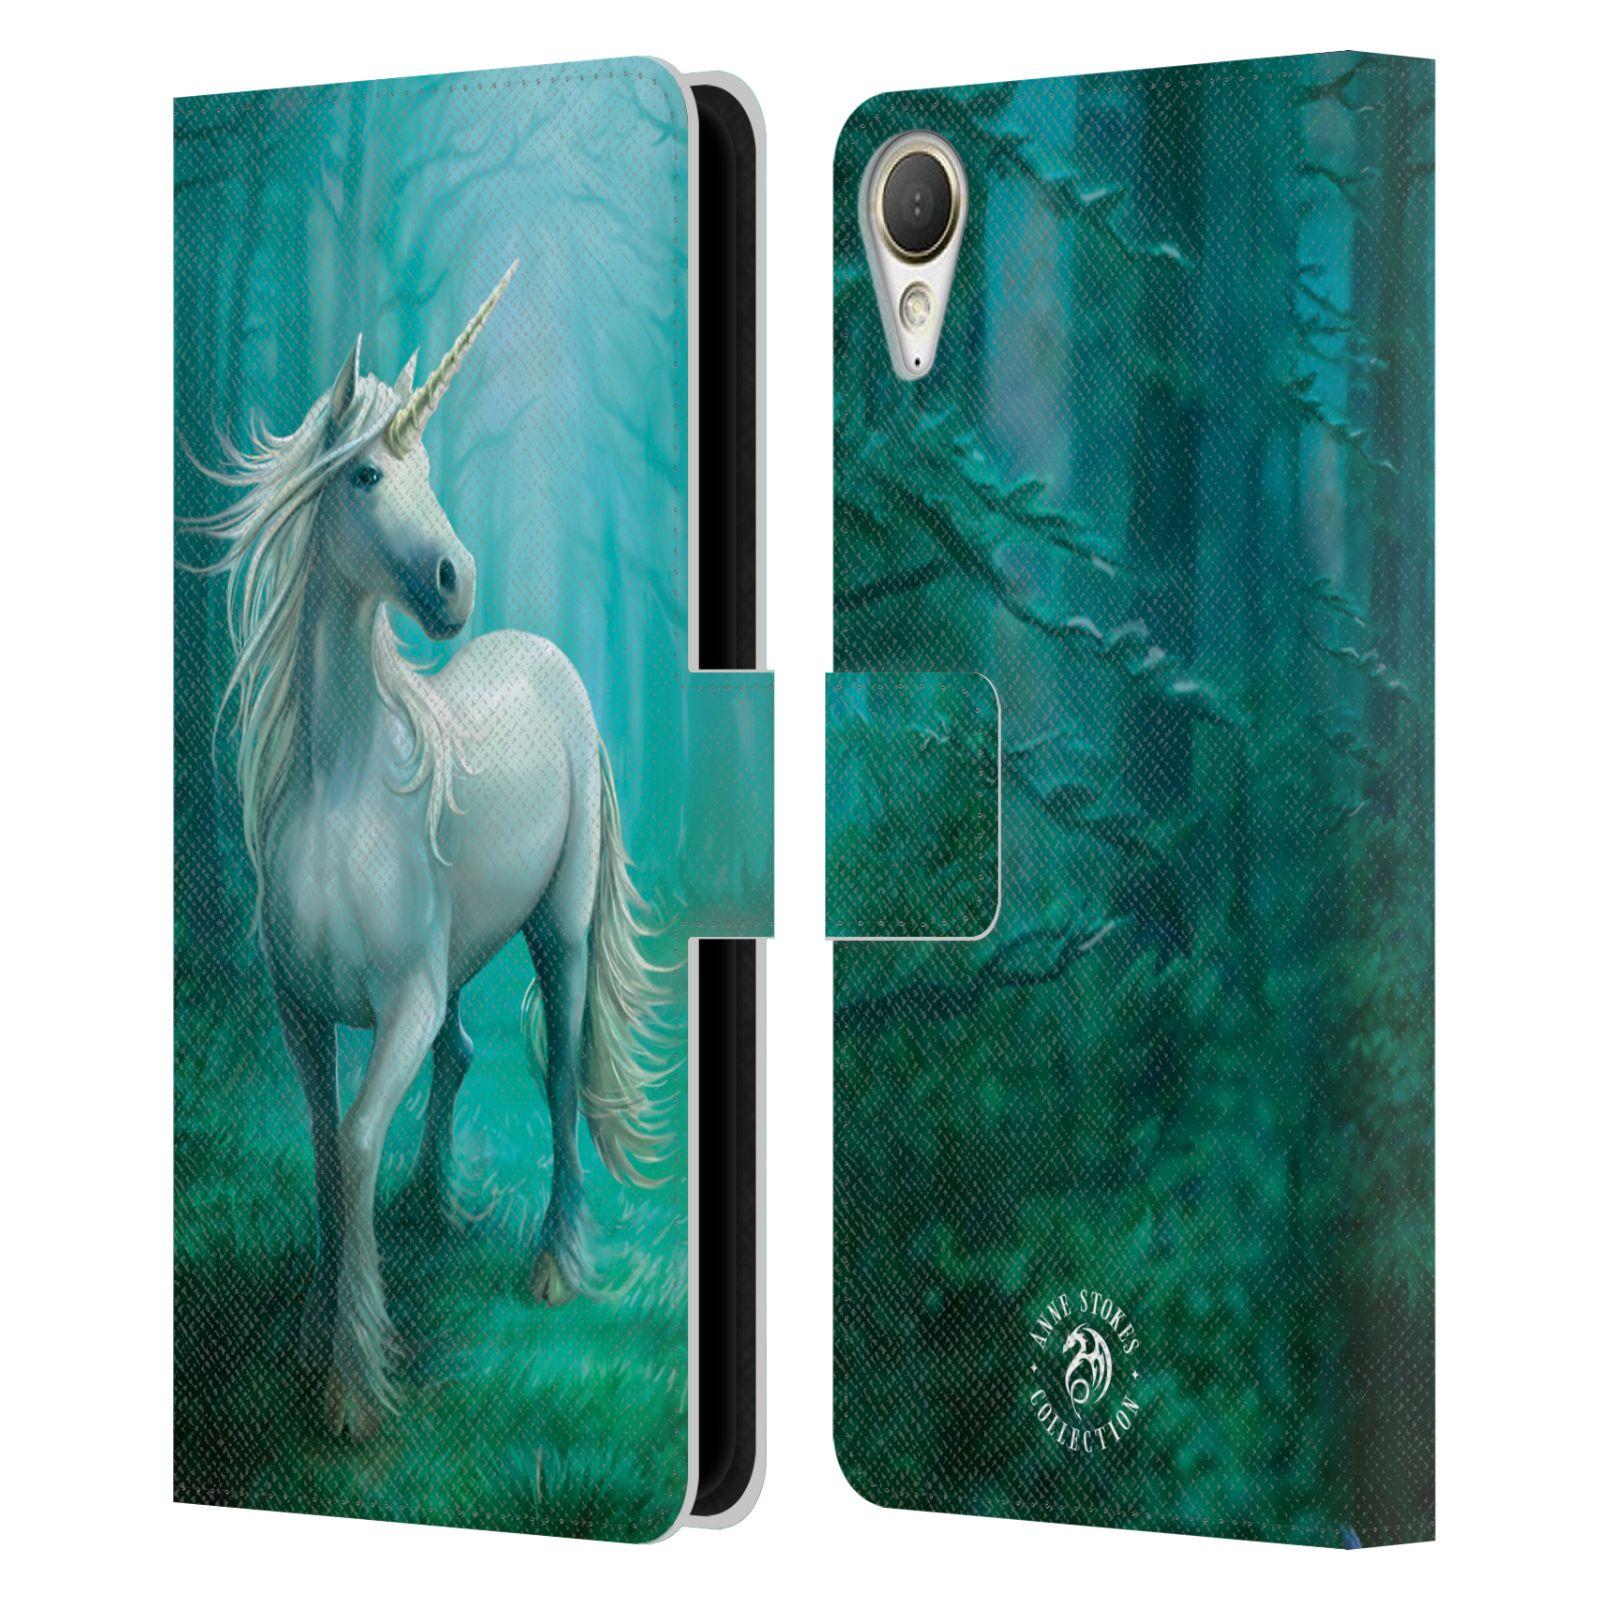 Pouzdro na mobil HTC Desire 10 Lifestyle - Head Case - fantasy - jednorožec v lese